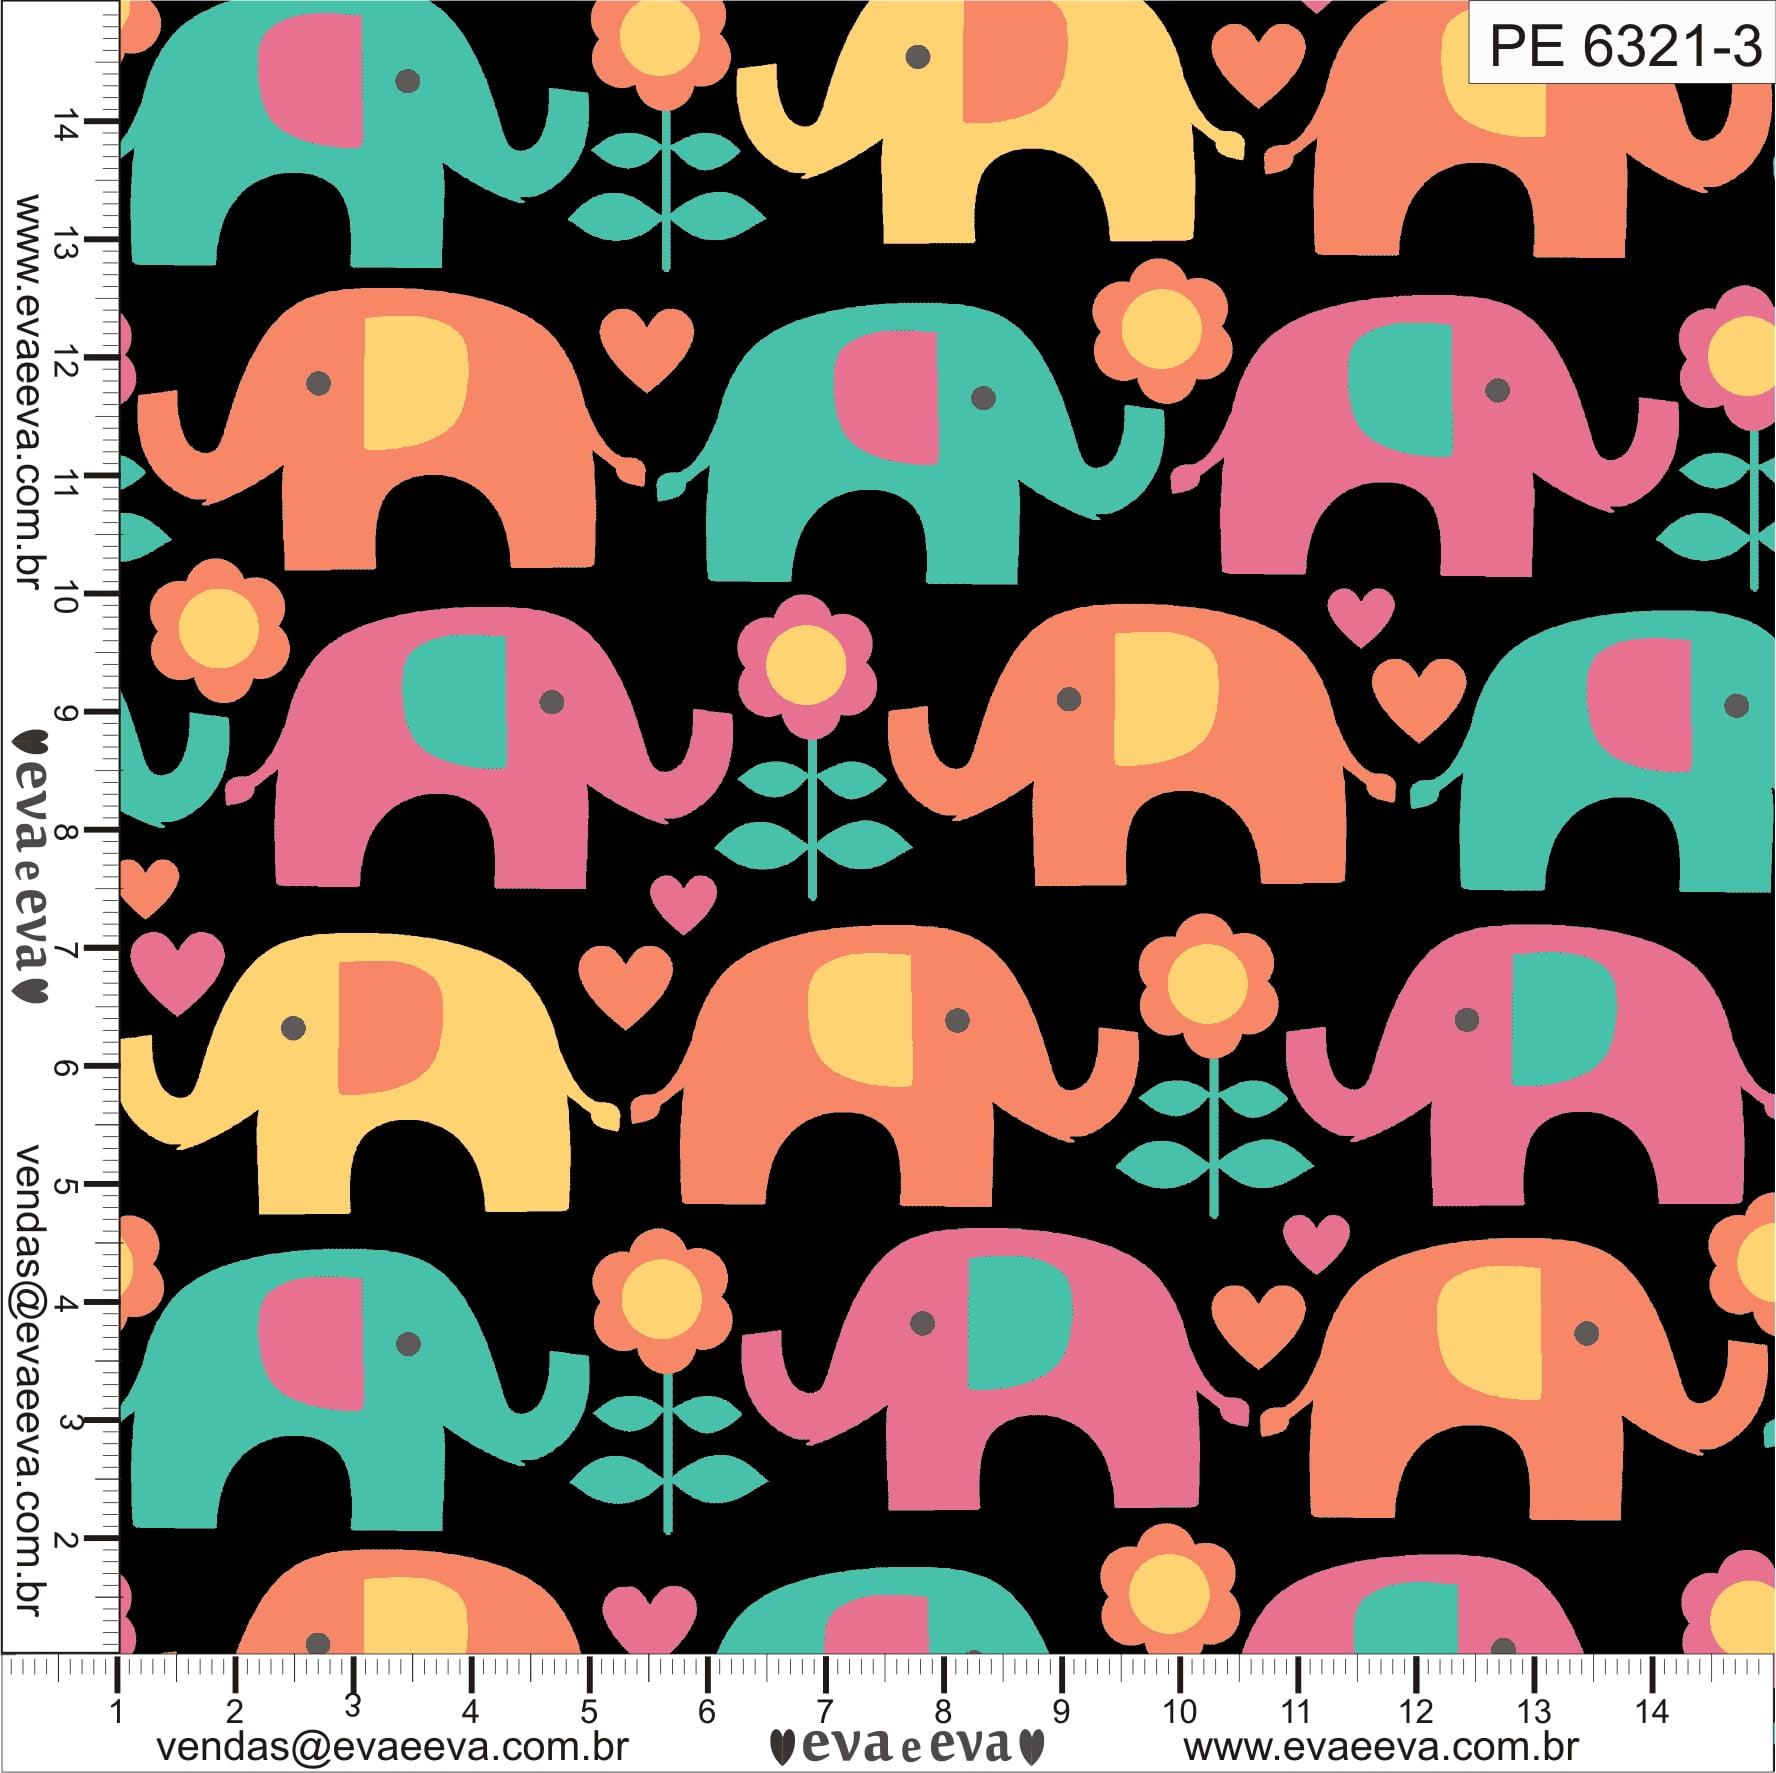 Tecido tricoline estampada da Eva e Eva - Coleção Passos do Elefantinho - PE6321-3